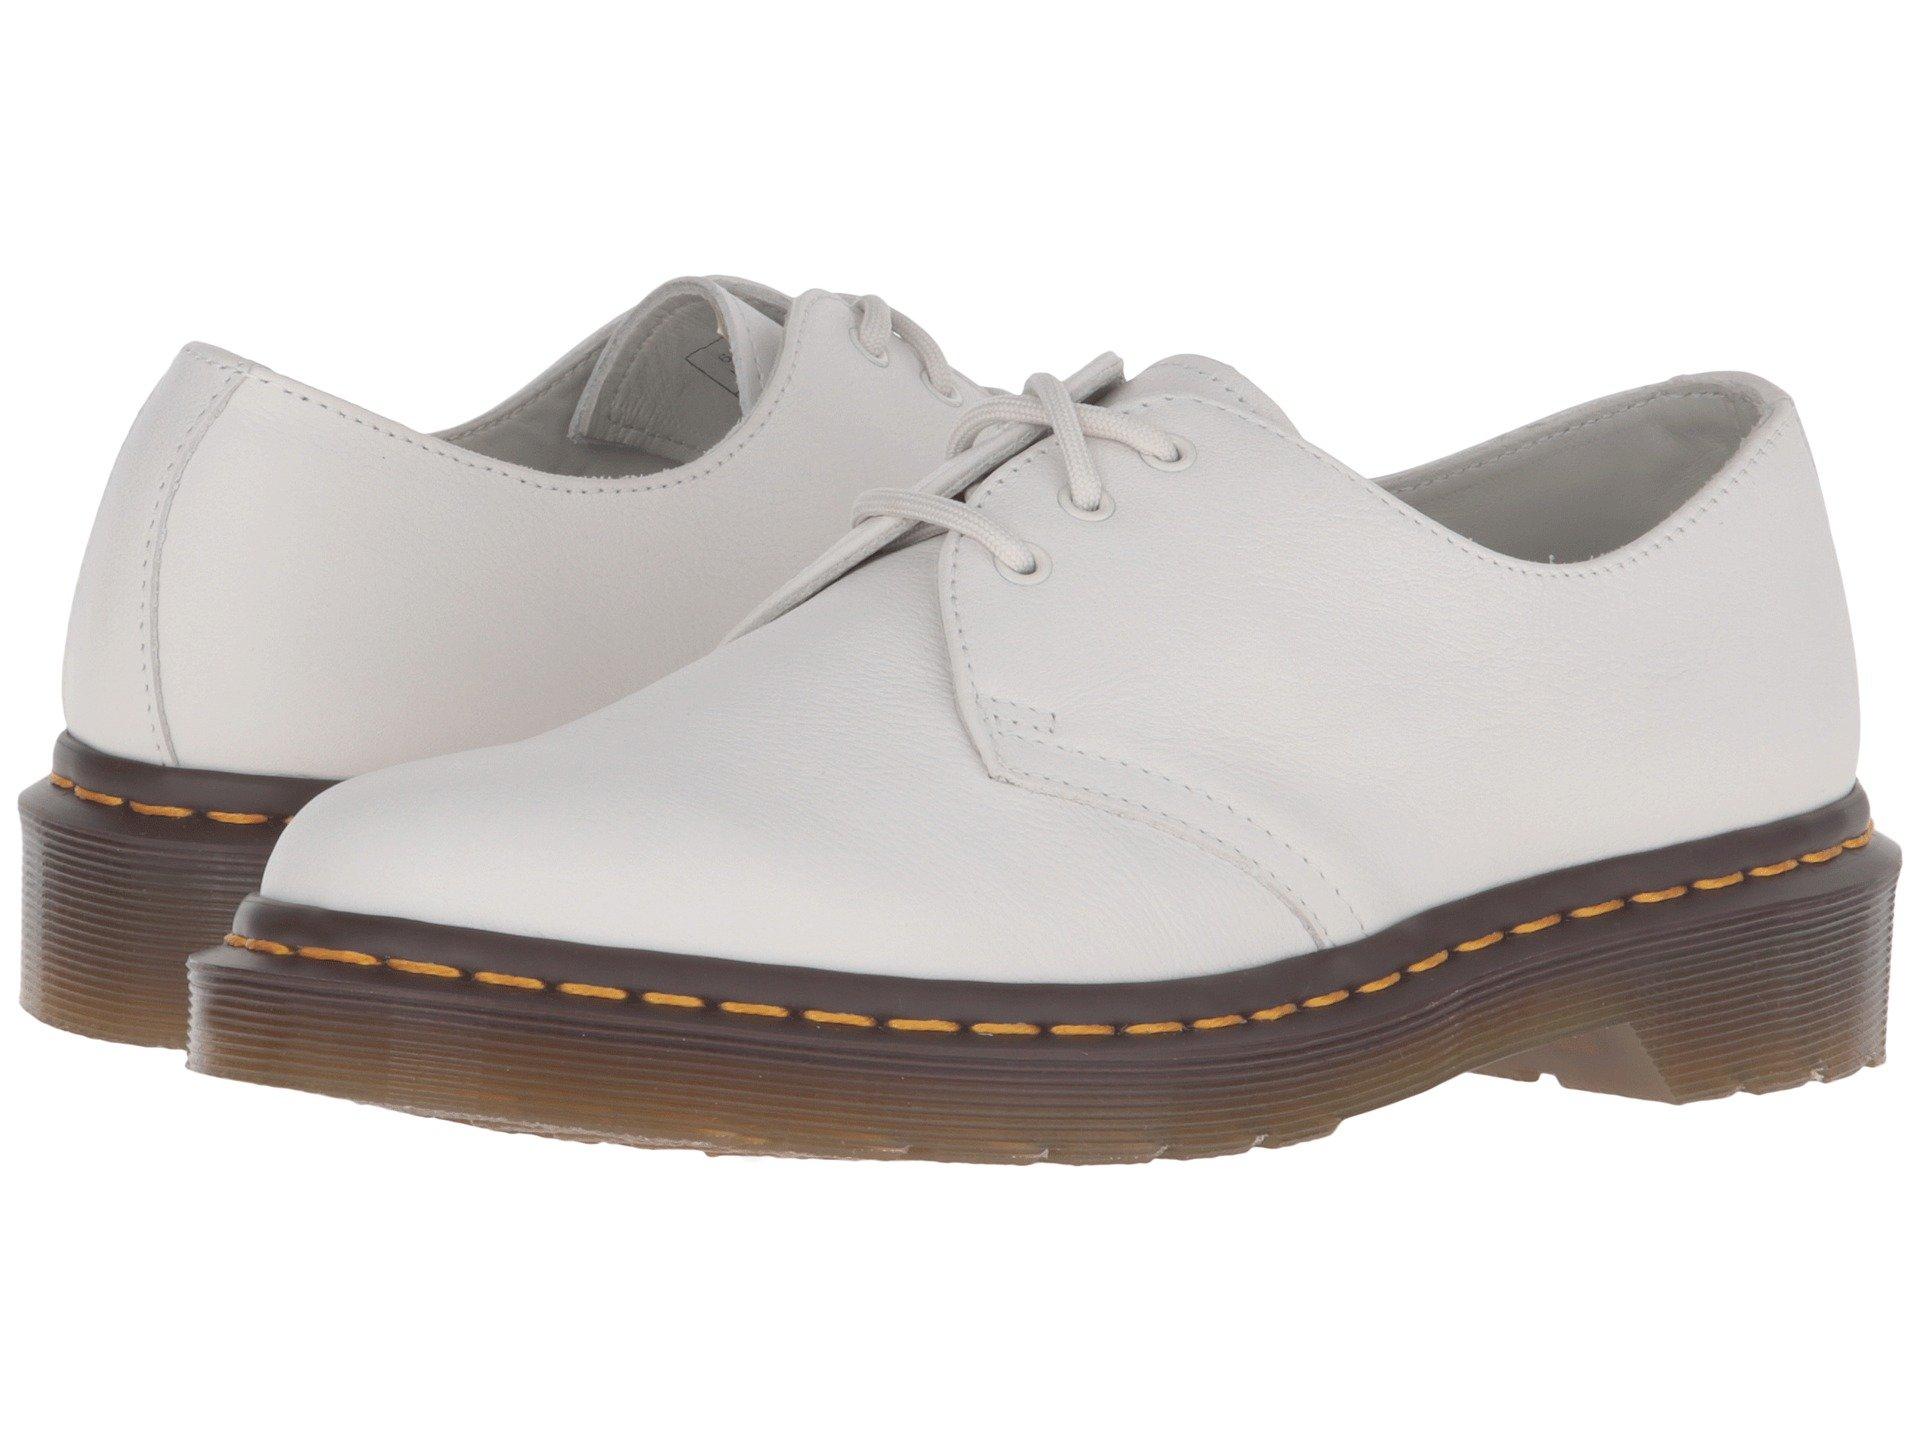 Zapato Casual para Mujer Dr. Martens 1461 W  + Dr. Martens en VeoyCompro.net